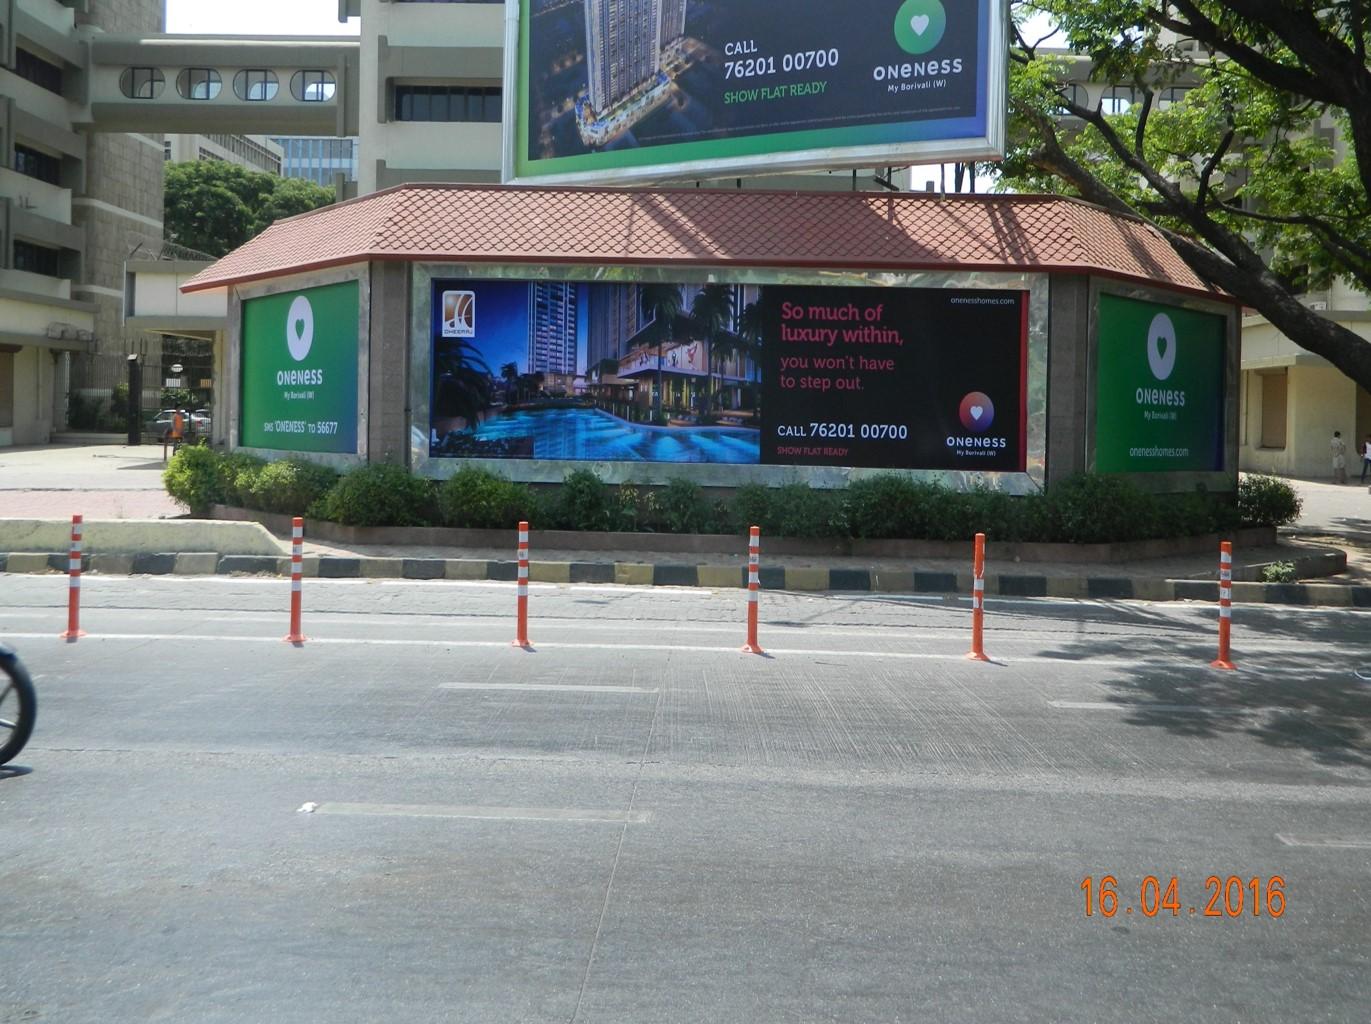 BKC OUTSIDE. RBI 2, UTILITY, MUMBAI